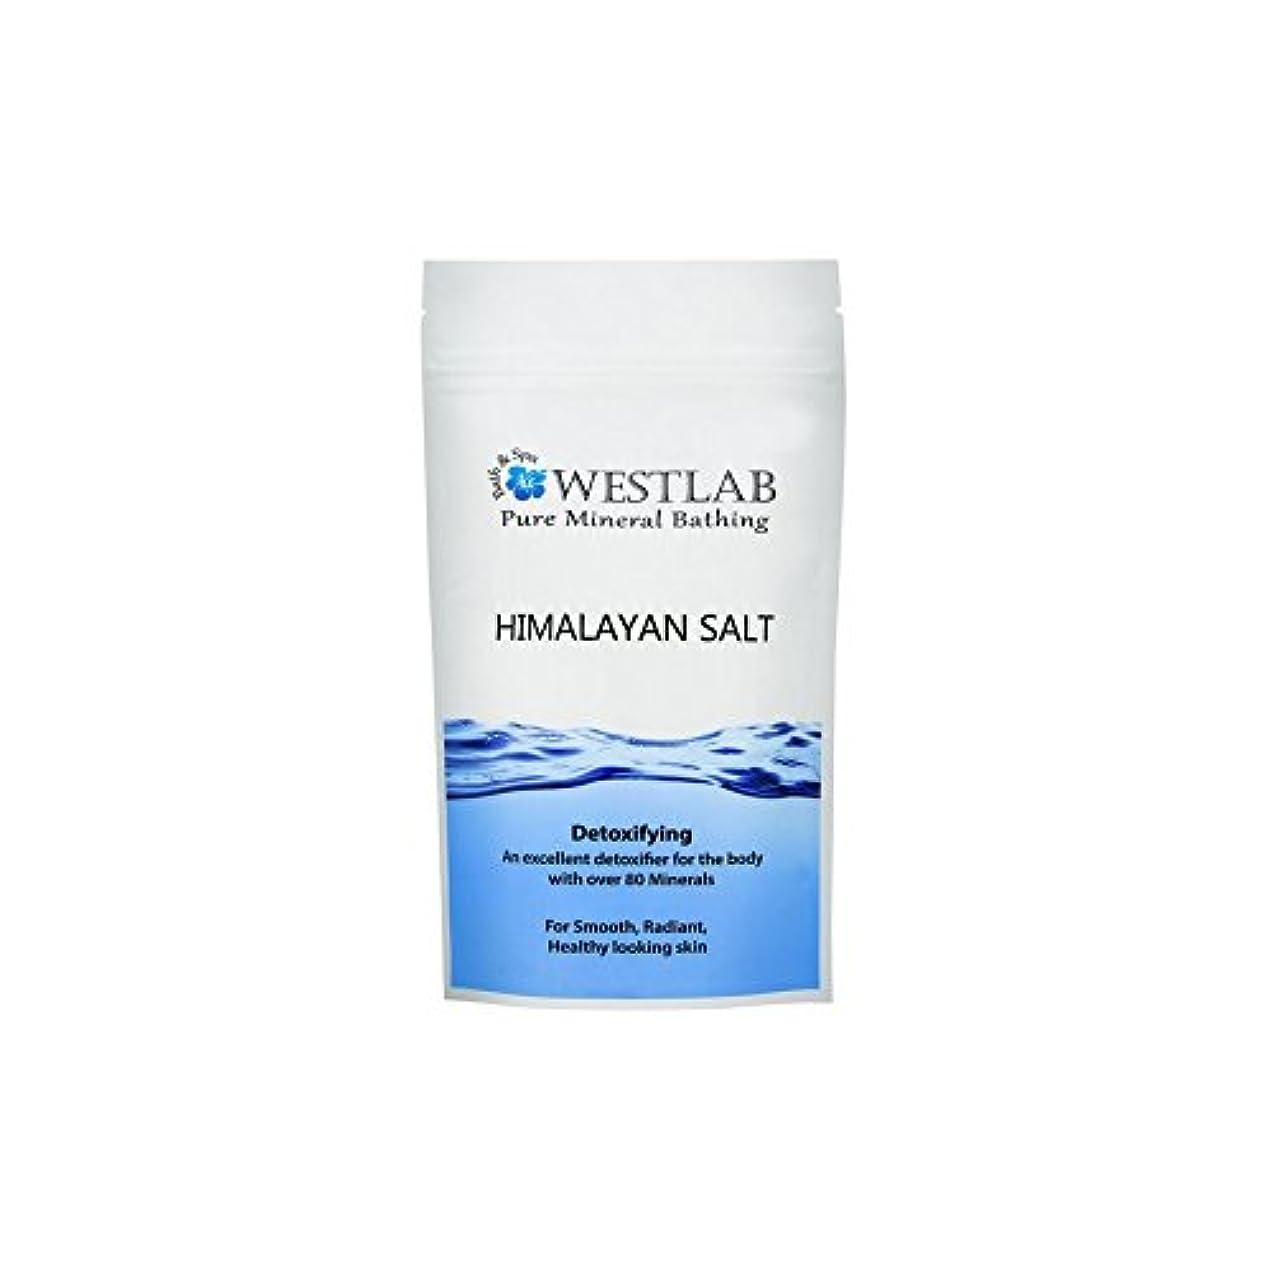 要塞してはいけません社会Westlab Himalayan Salt 1kg - ヒマラヤ塩の1キロ [並行輸入品]